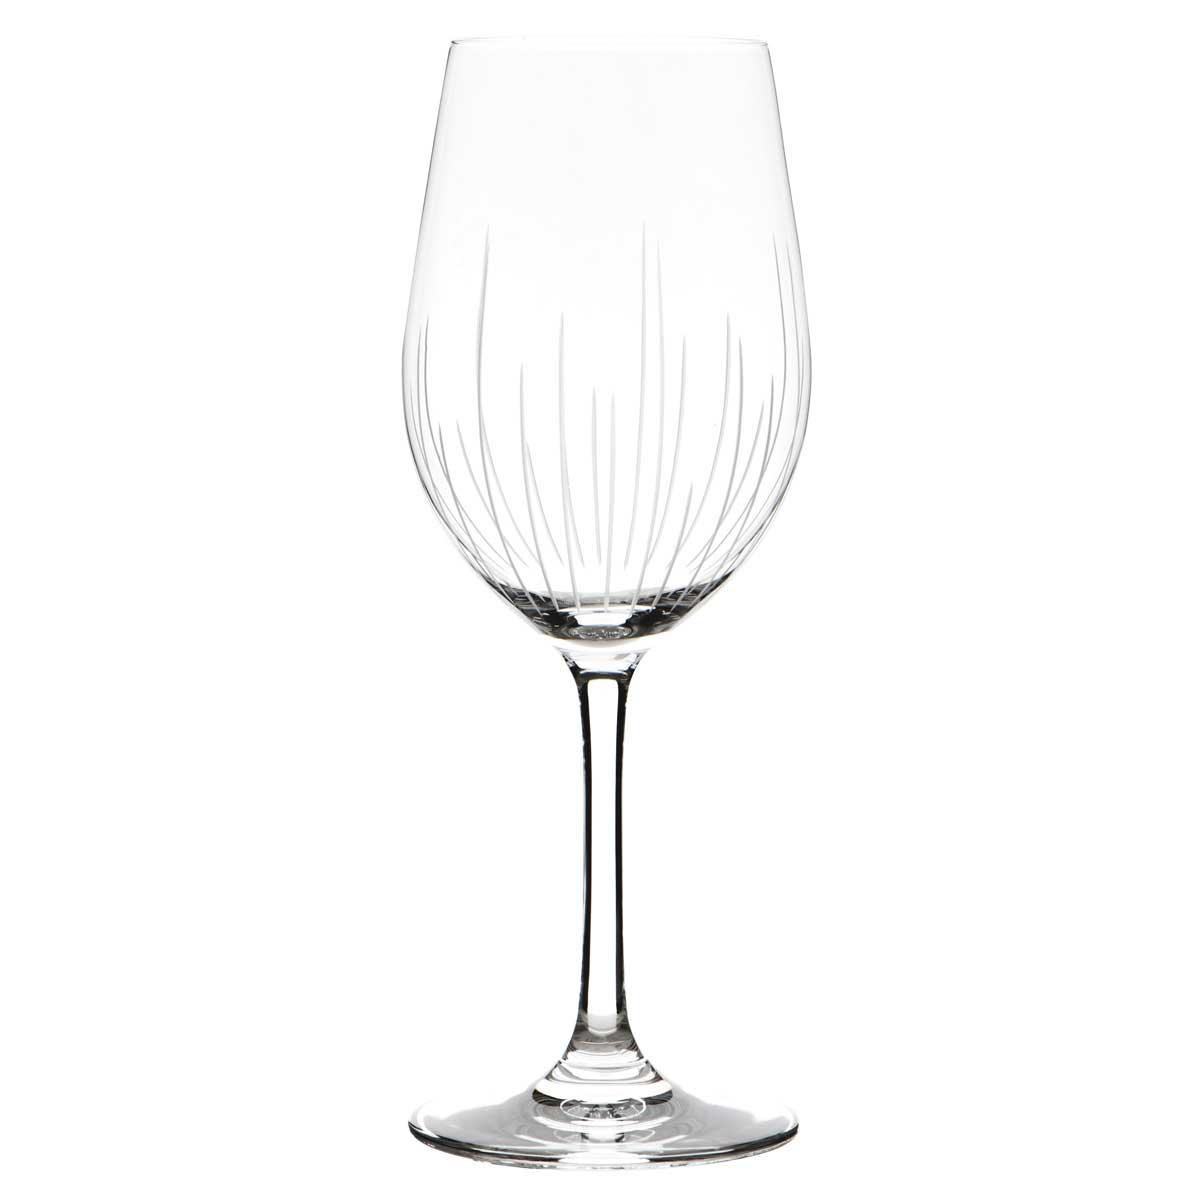 guy degrenne 6 verres vin galat e eclat en cristalin 35. Black Bedroom Furniture Sets. Home Design Ideas